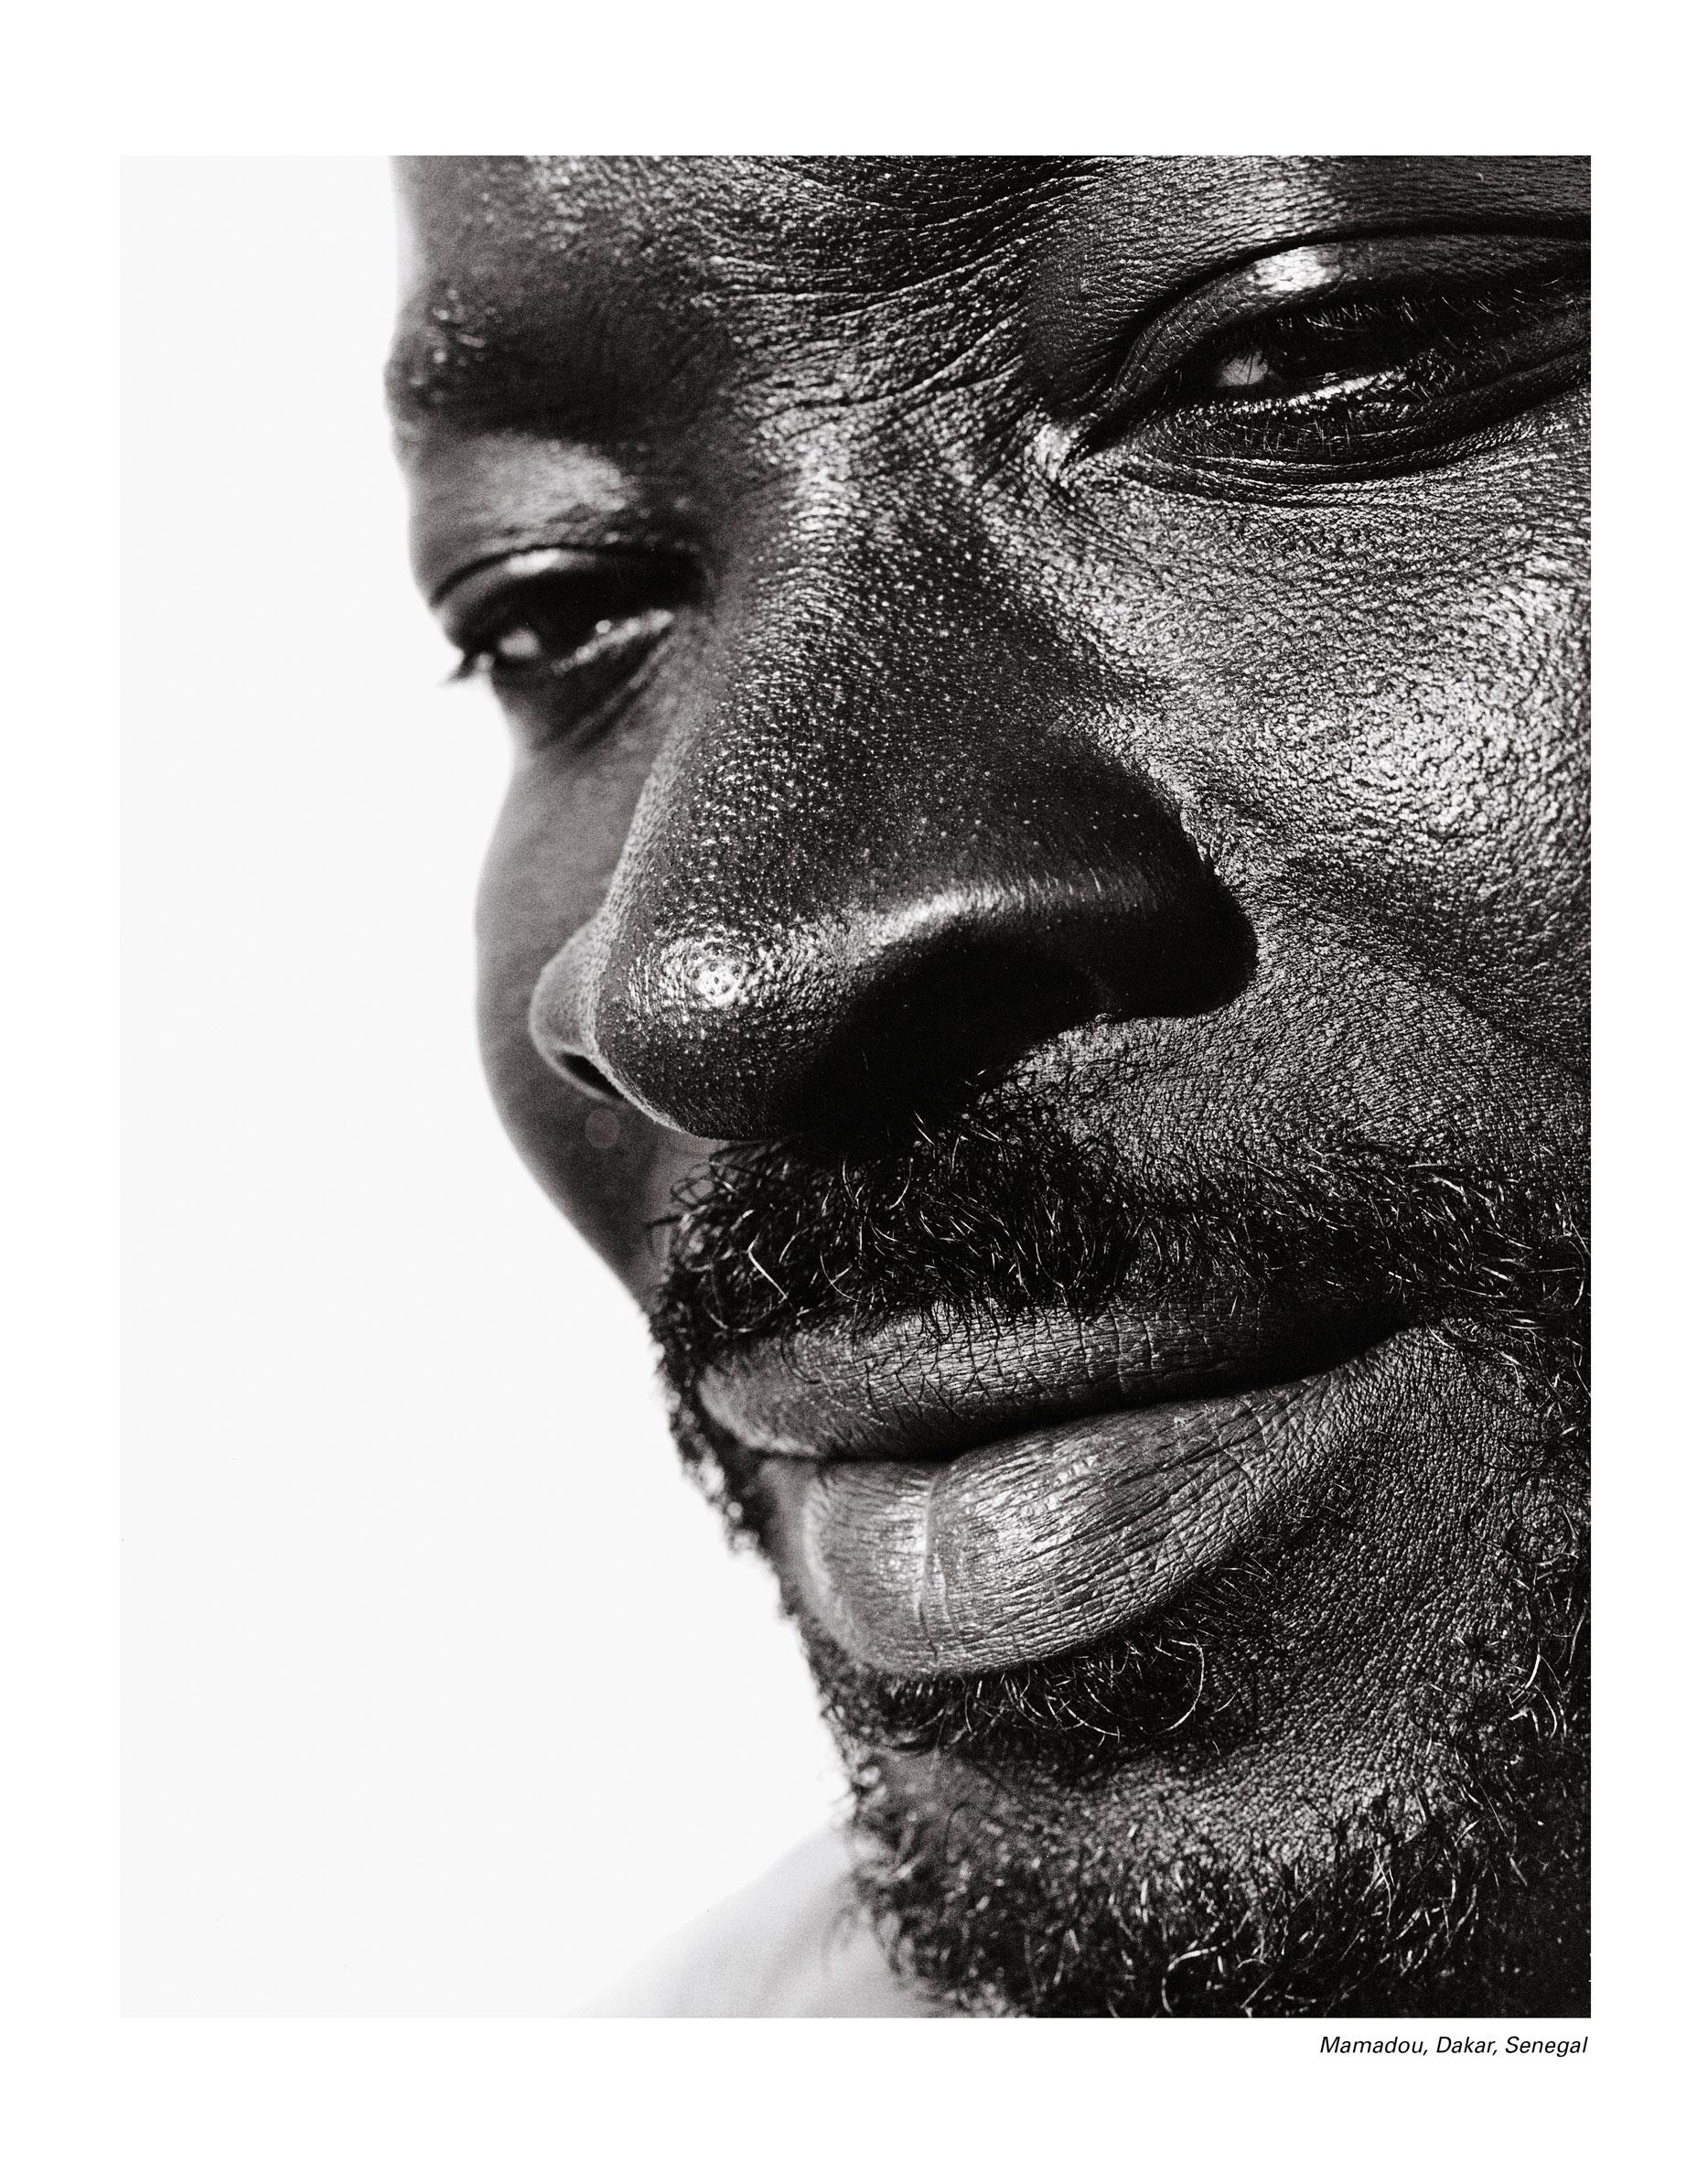 Mamadou_Dakar_Senegal.jpg